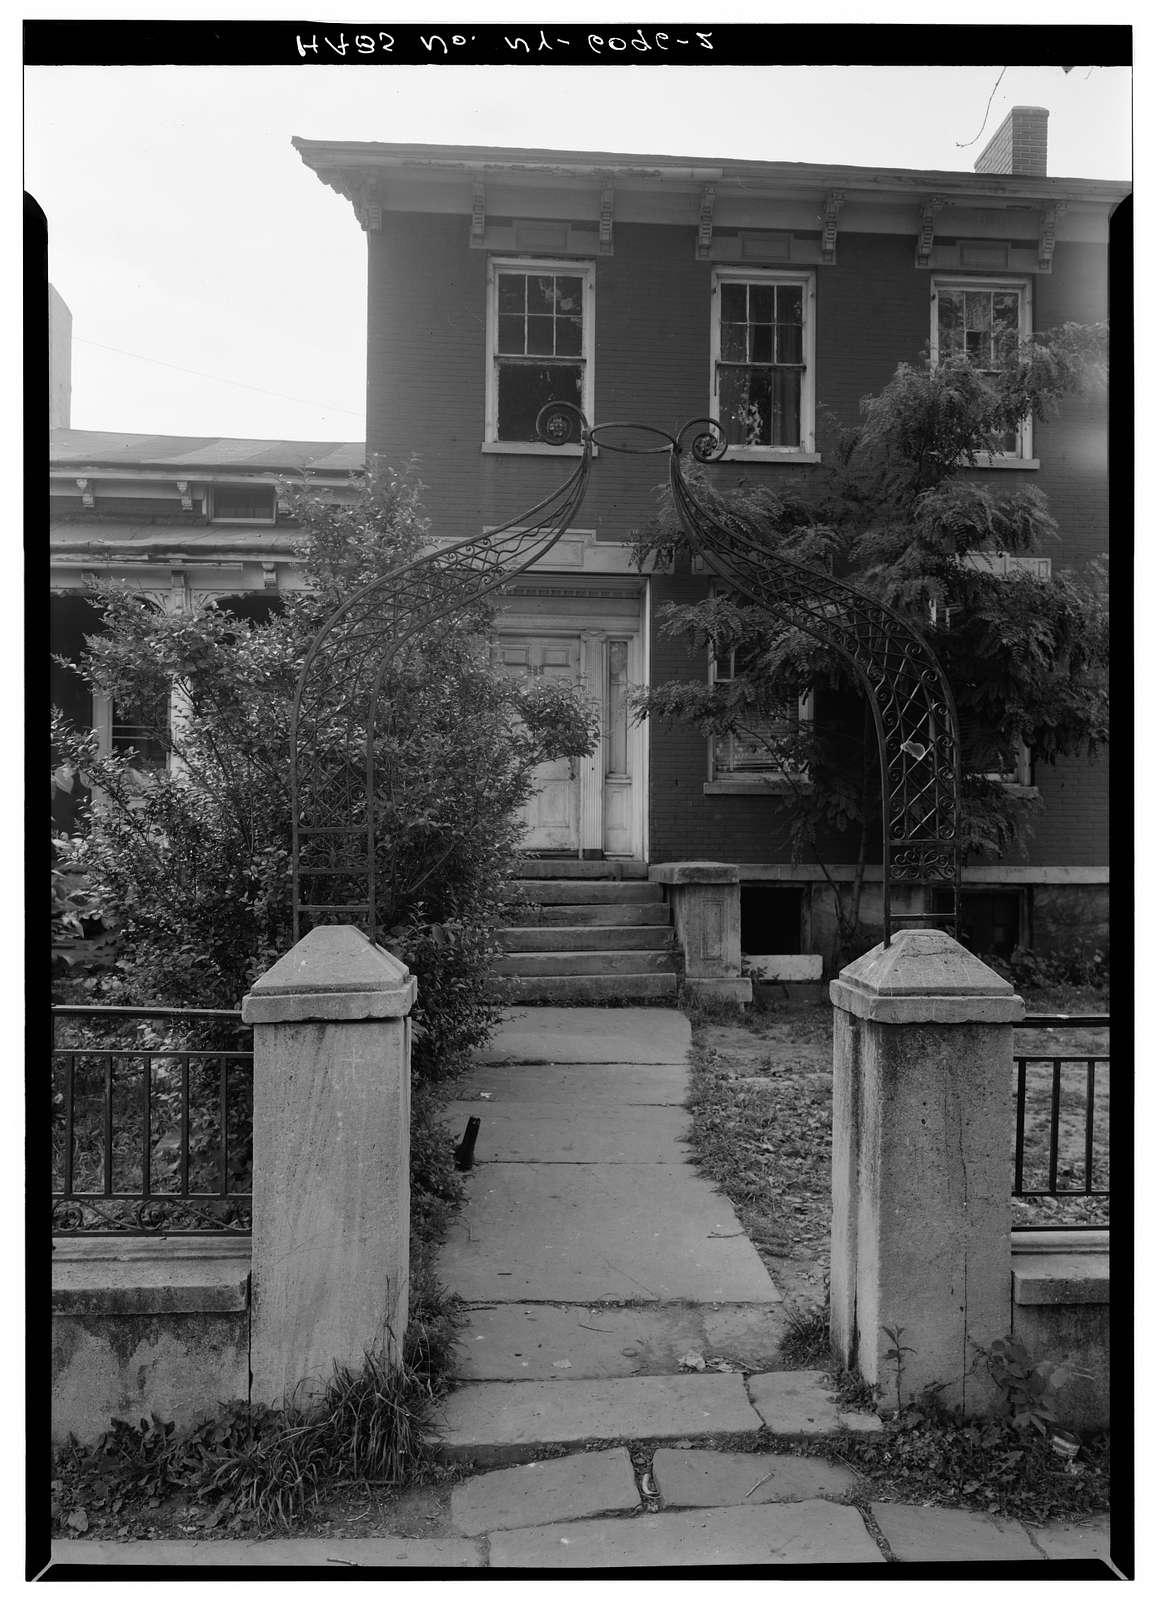 Washington Hunt House, 363 Market Street, Lockport, Niagara County, NY